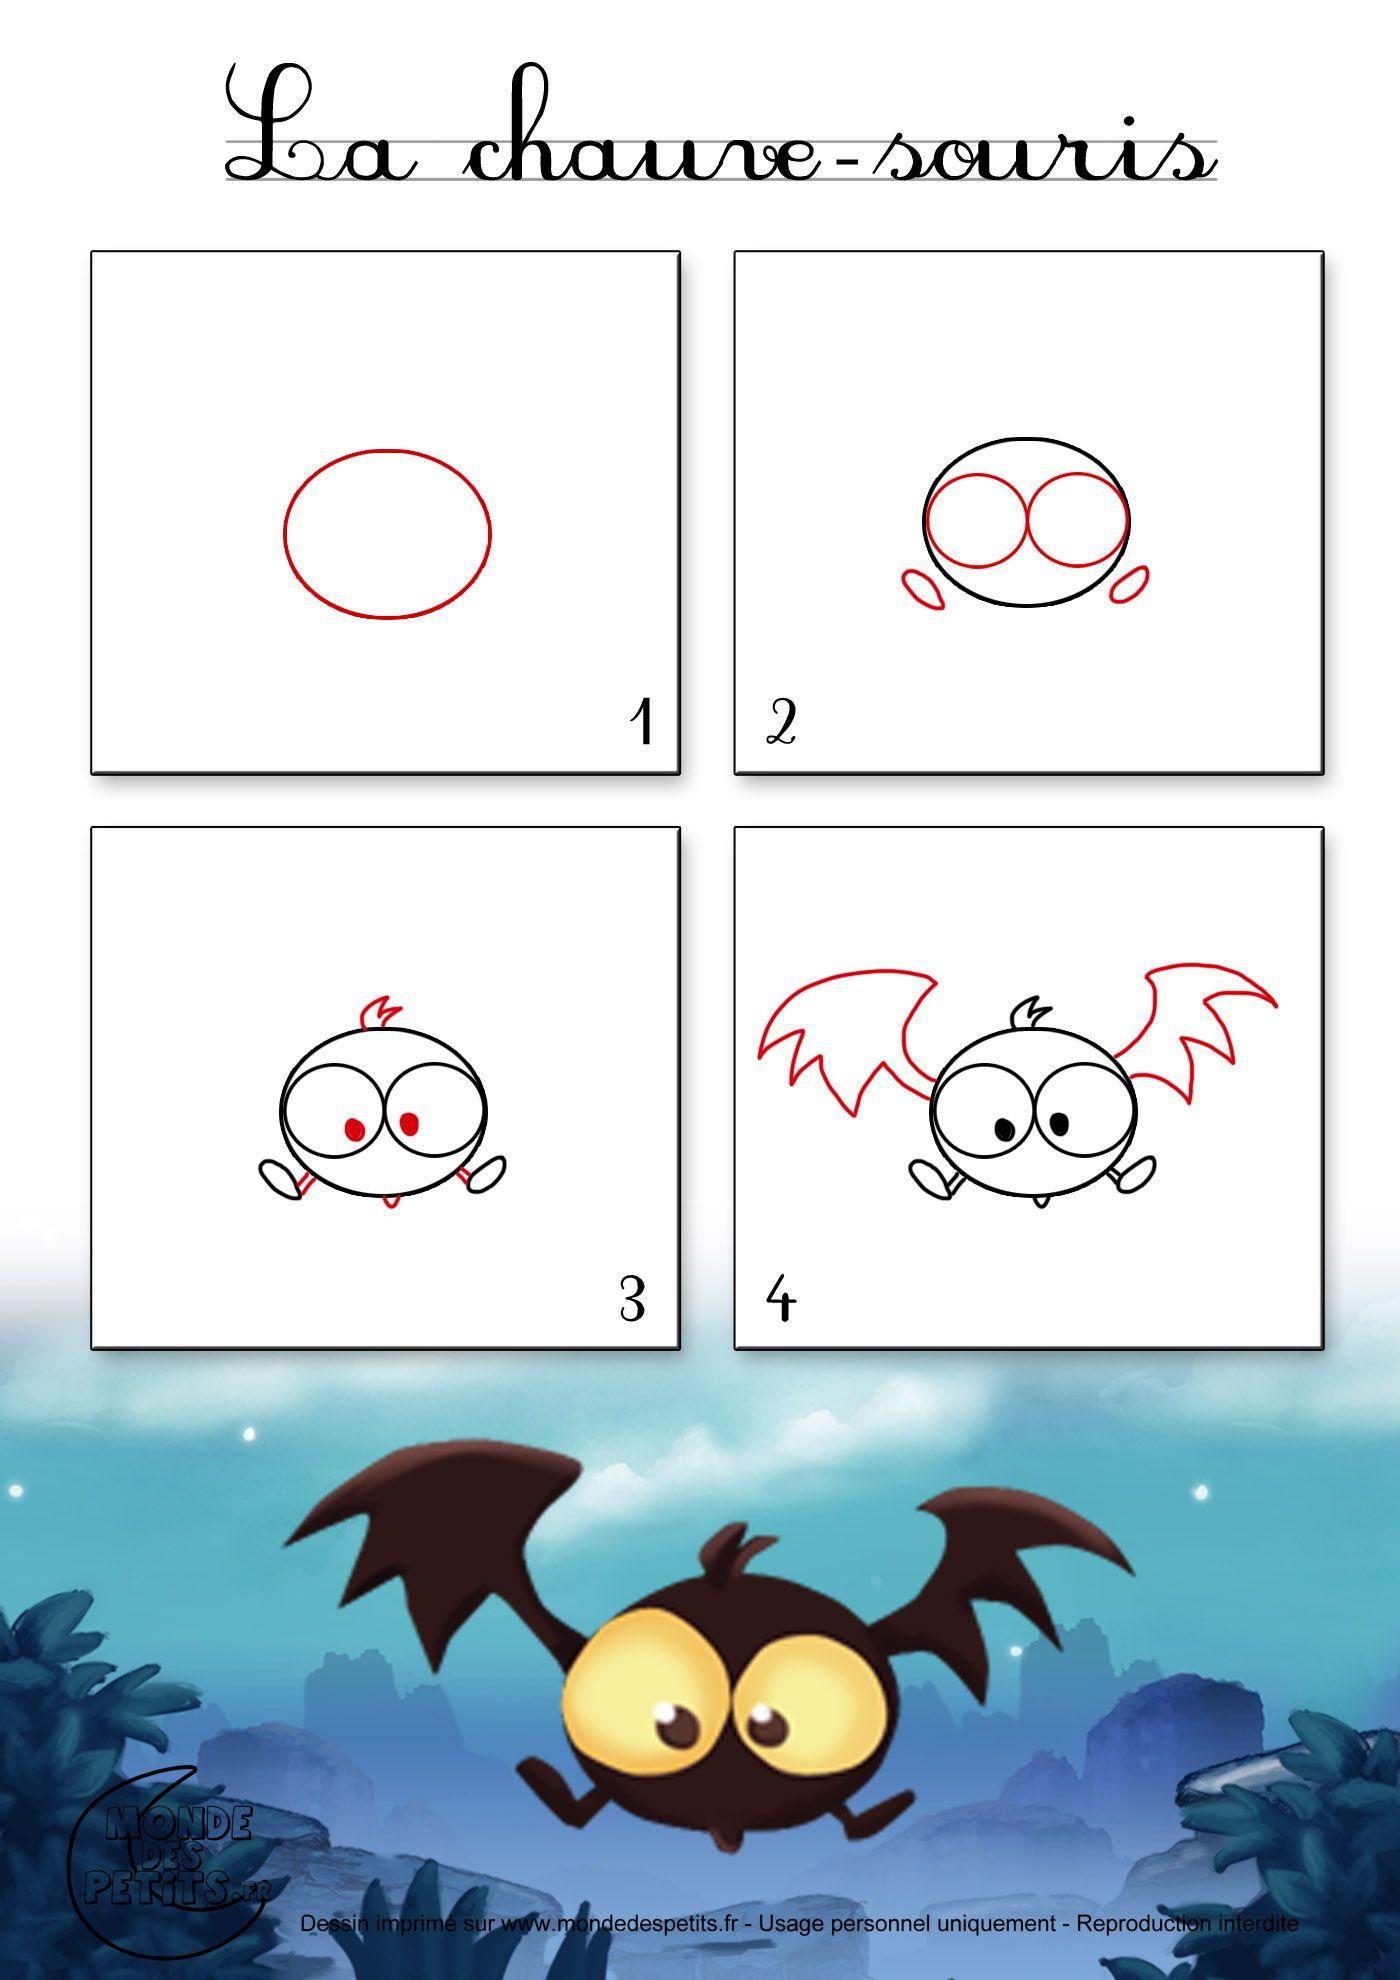 dessiner une chauvesouris d'Halloween